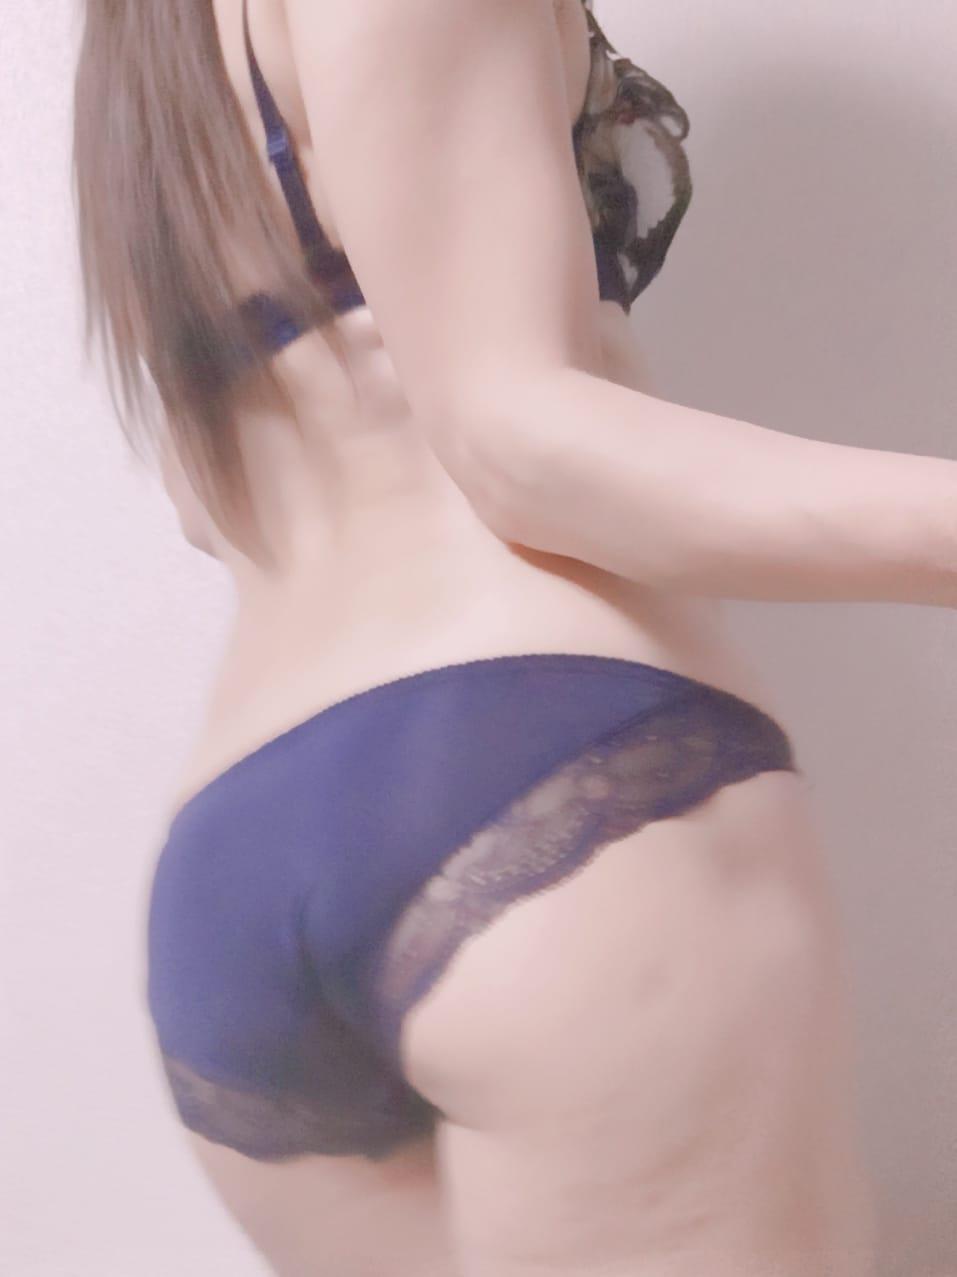 「おはようございます(*´꒳`*)」12/11(12/11) 07:00   ひとみの写メ・風俗動画